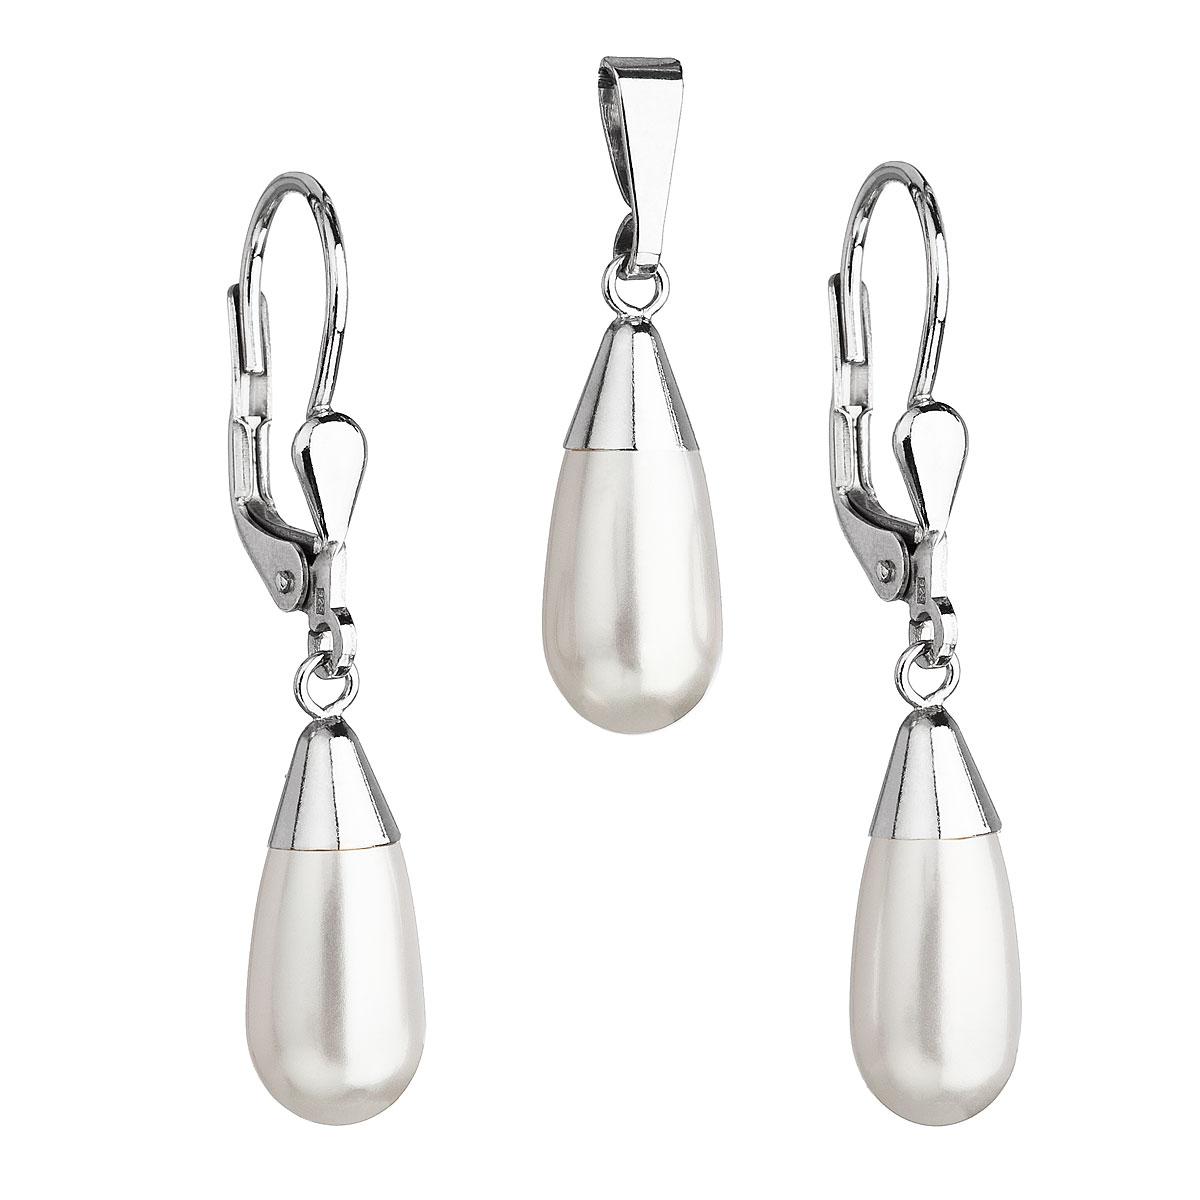 Sada šperkov s perlami Swarovski náušnice a prívesok biela perla slza 39119.1